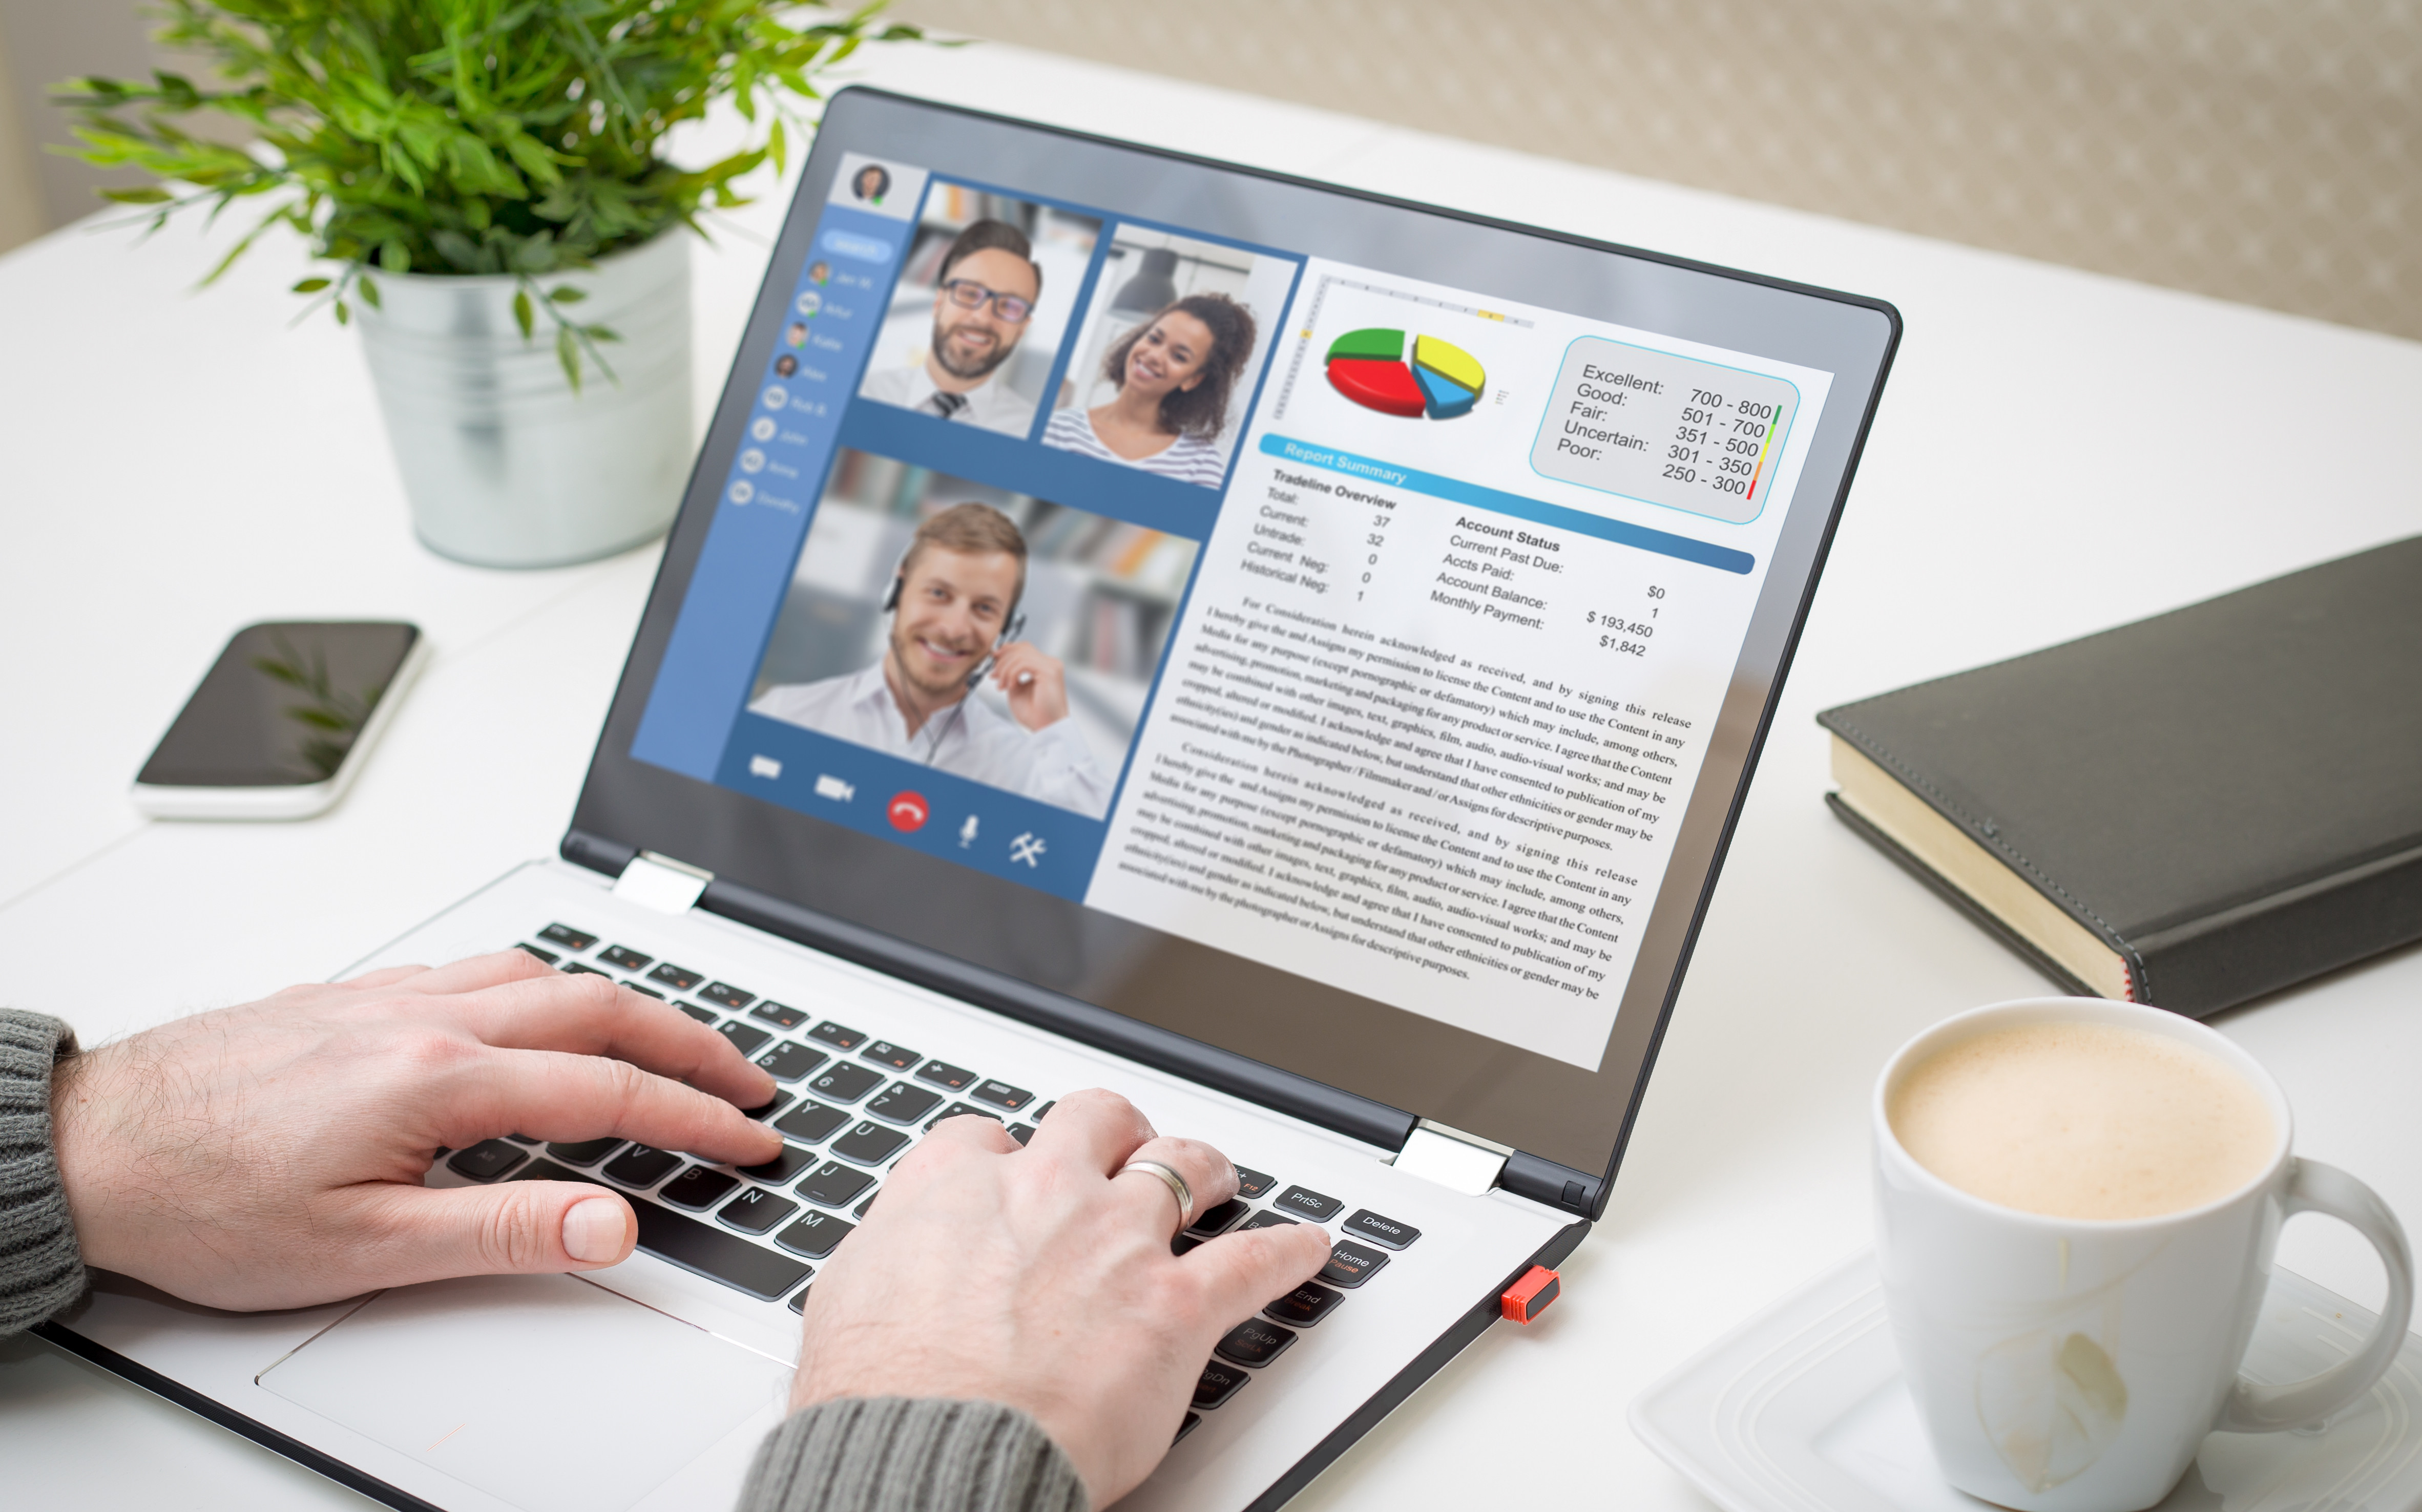 照片中提到了Excellent:、Good:、Fair:,跟Univision有關,包含了使用在線平台、網絡會議、講師指導的培訓、互聯網、歐洲互聯網治理對話